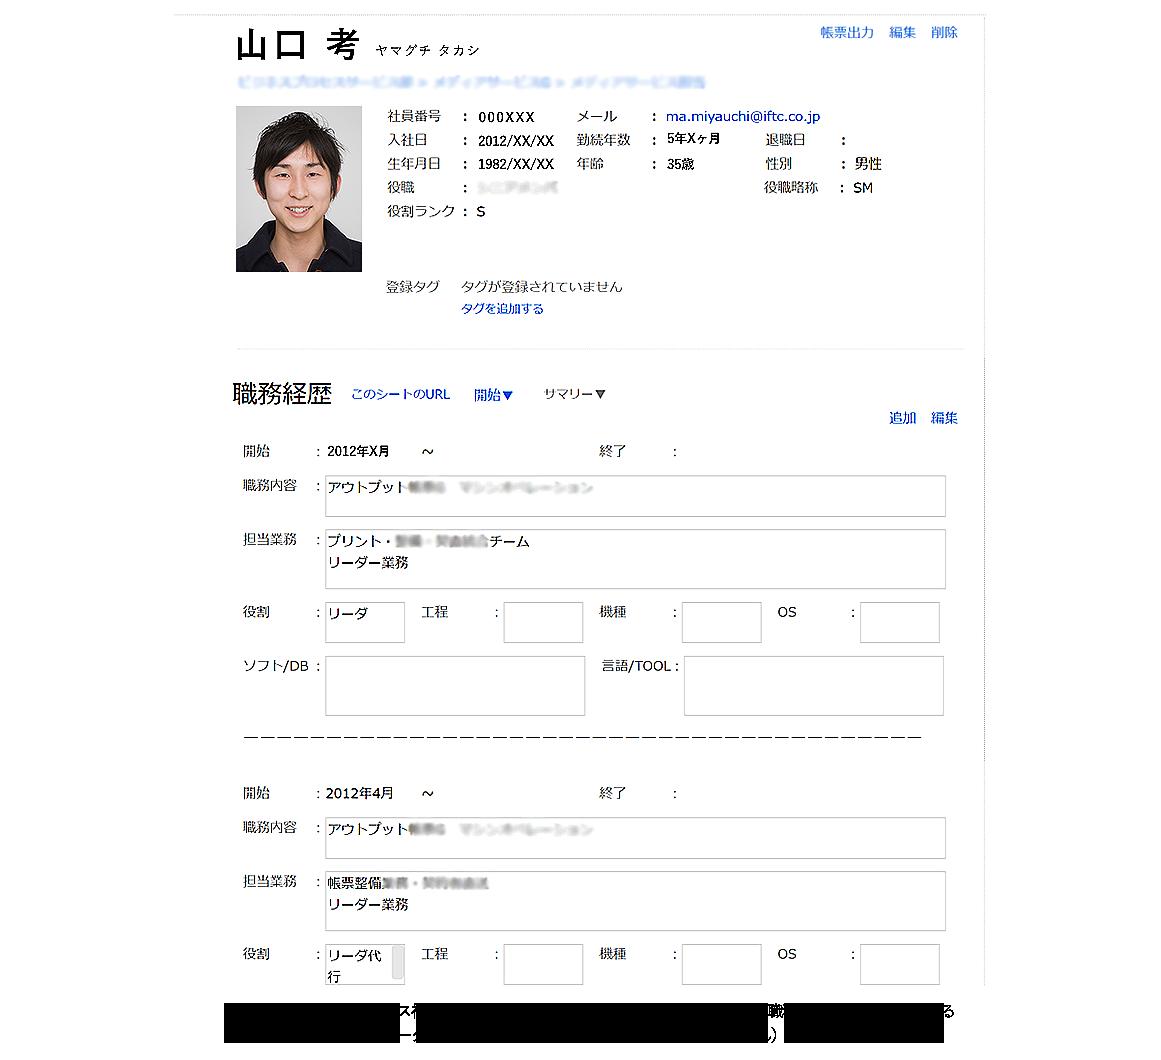 インフォテック・サービス株式会社